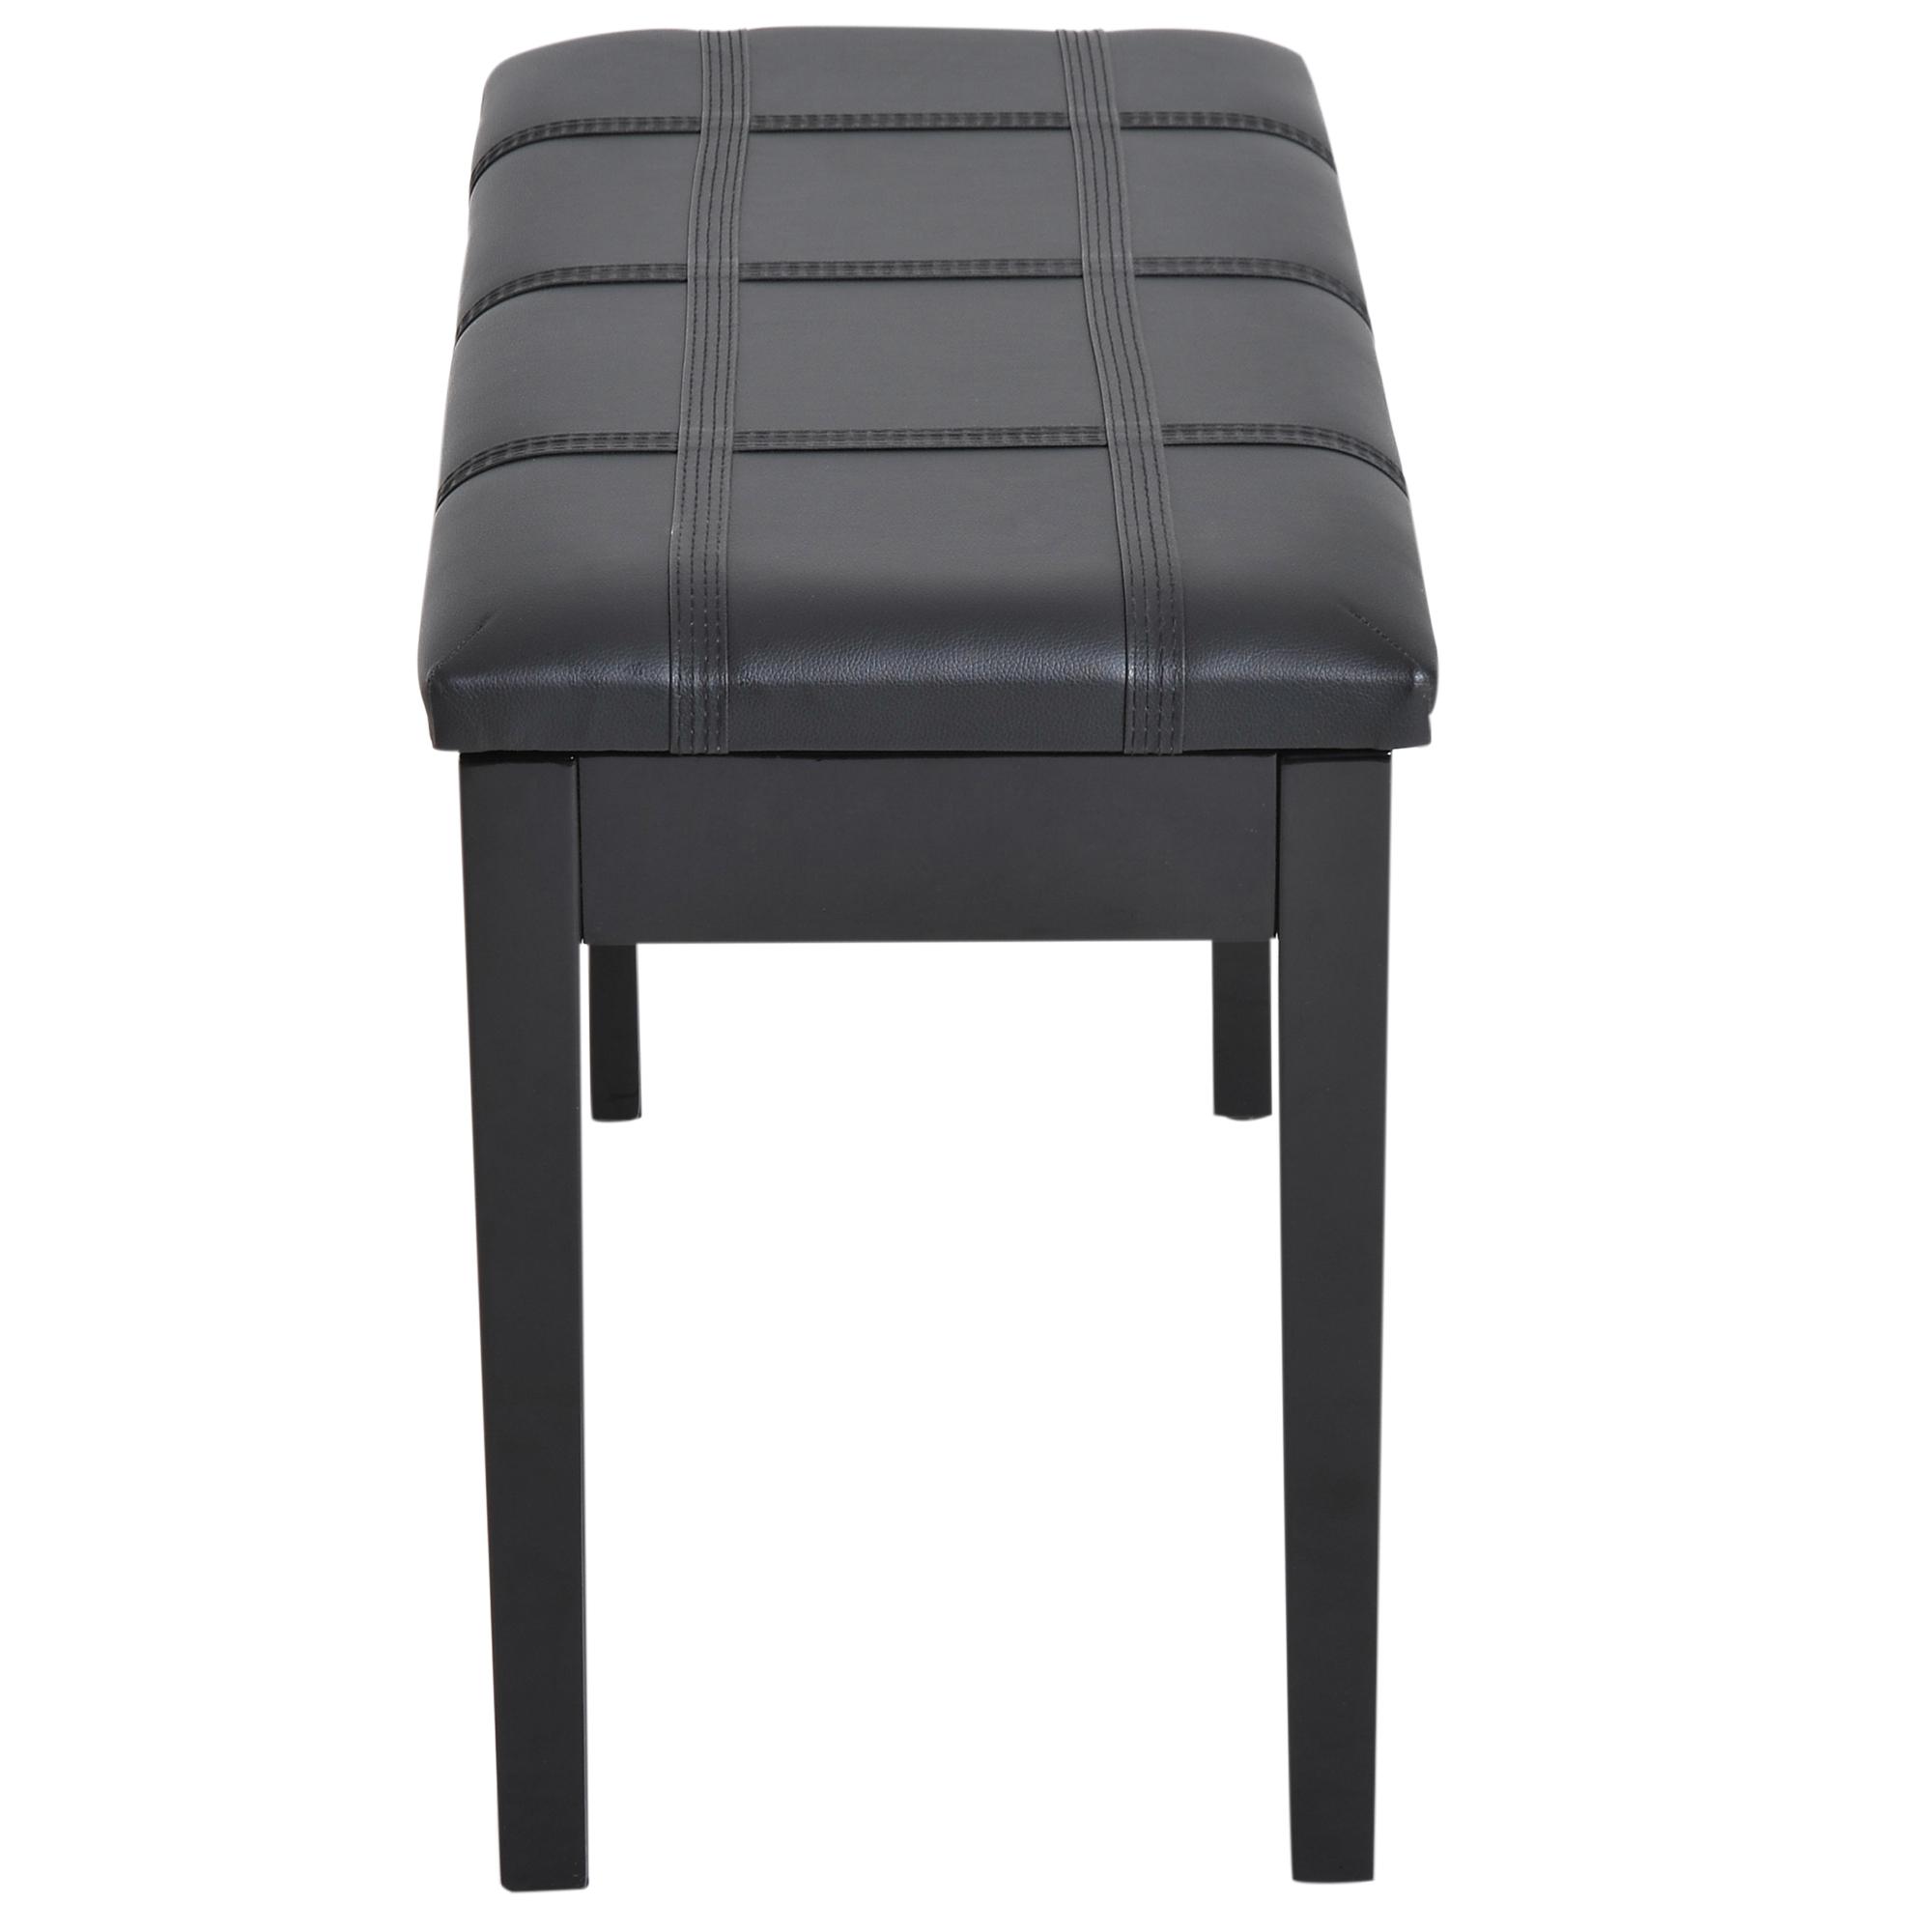 Panca-Sgabello-per-Pianoforte-con-Vano-Portaoggetti-Portata-140kg miniatura 16